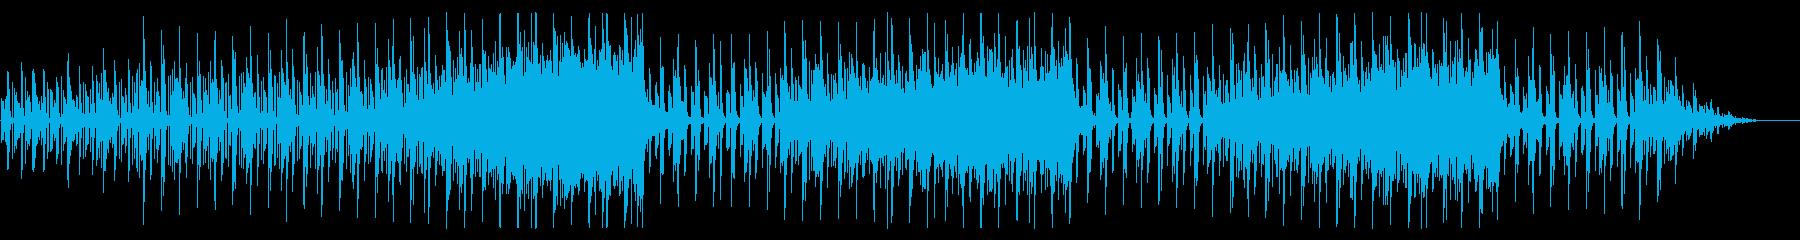 bgm47の再生済みの波形